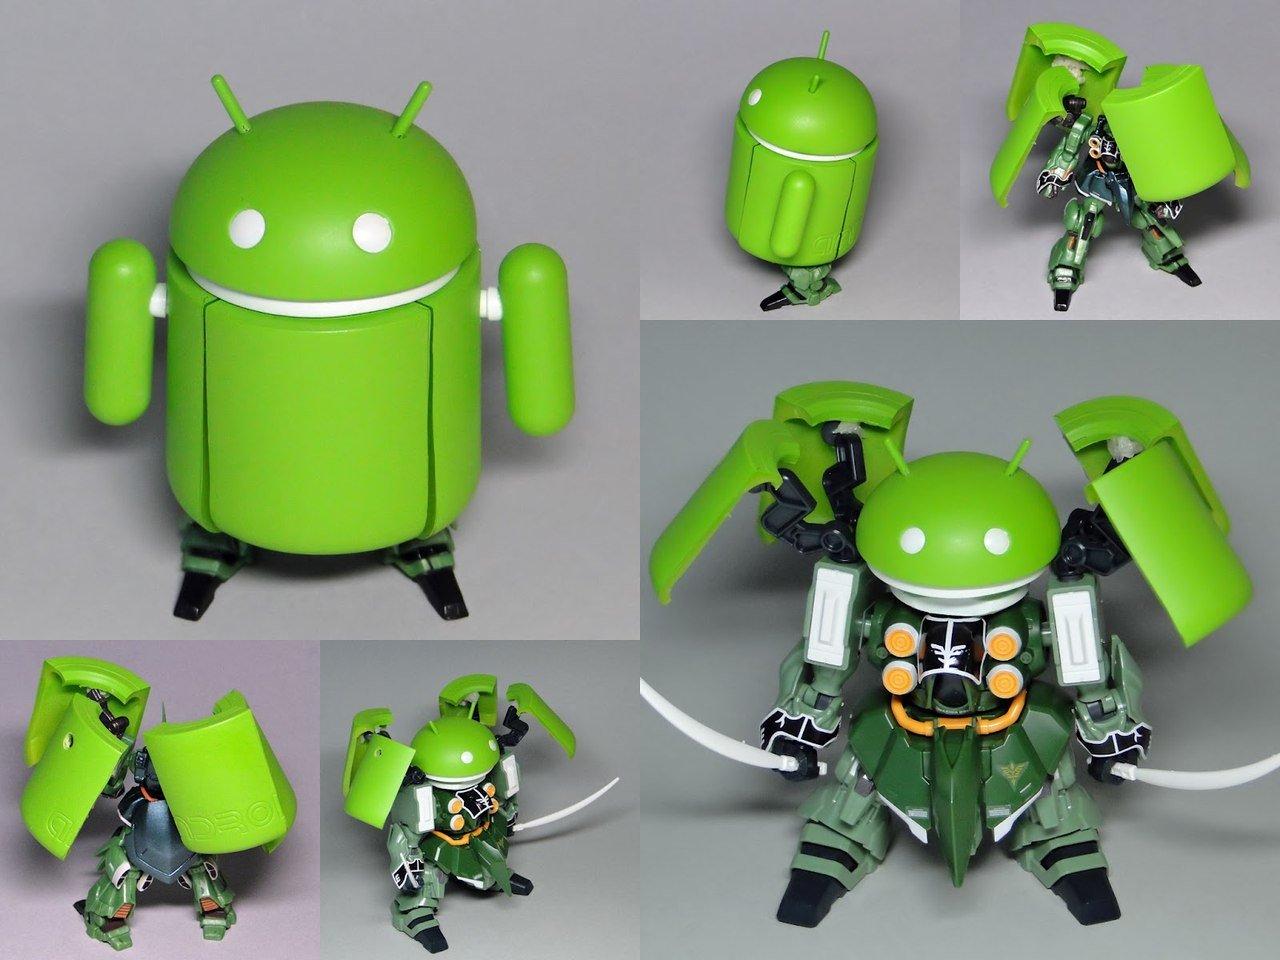 Игрушка Android-трансформер. - Изображение 1